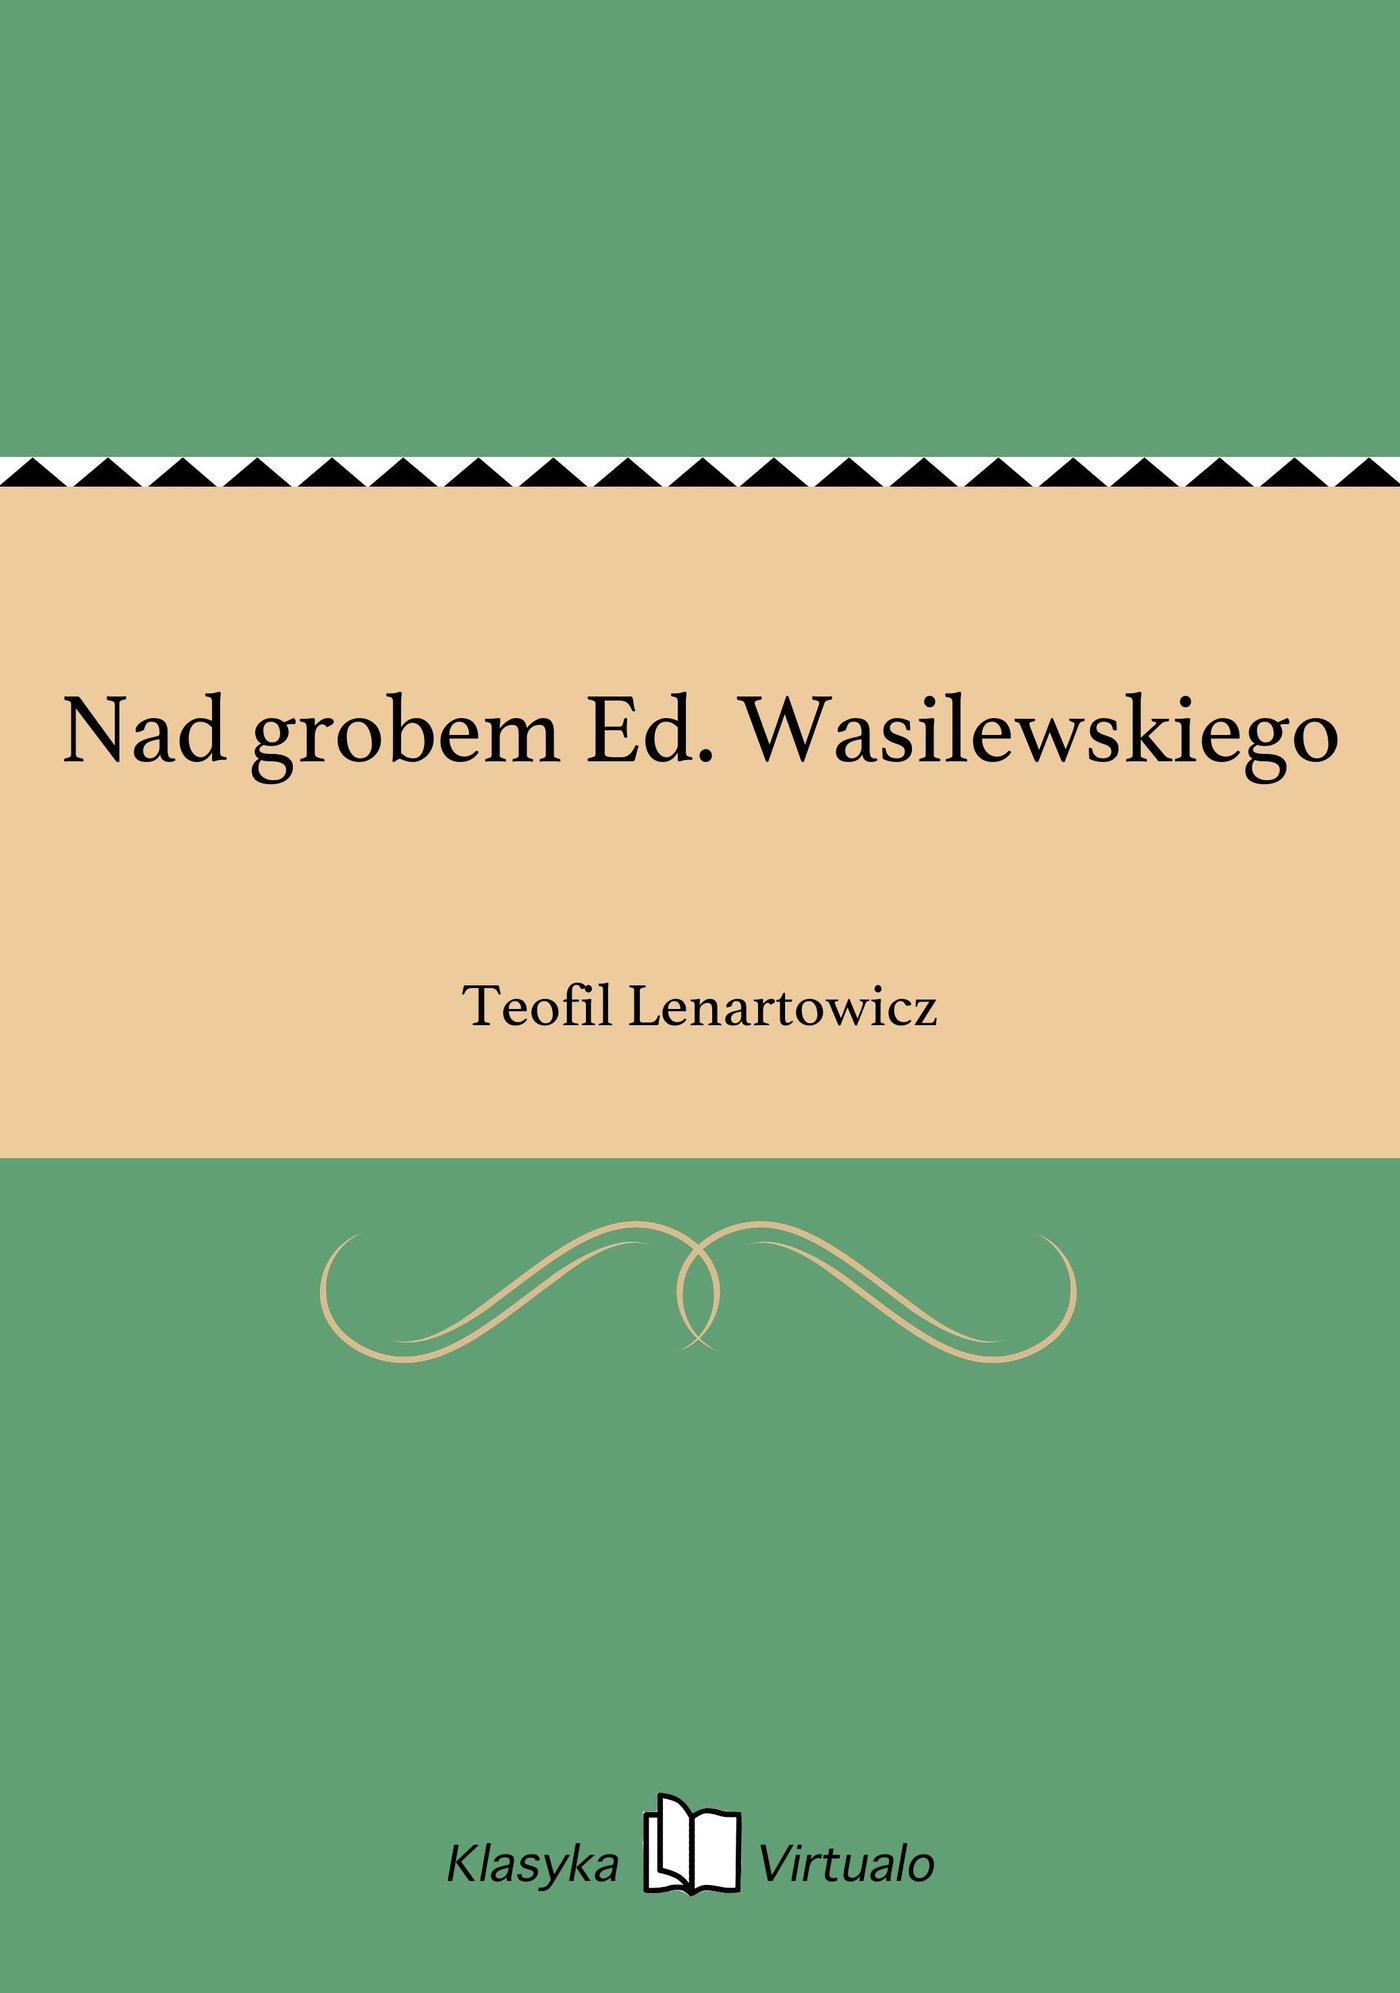 Nad grobem Ed. Wasilewskiego - Ebook (Książka EPUB) do pobrania w formacie EPUB